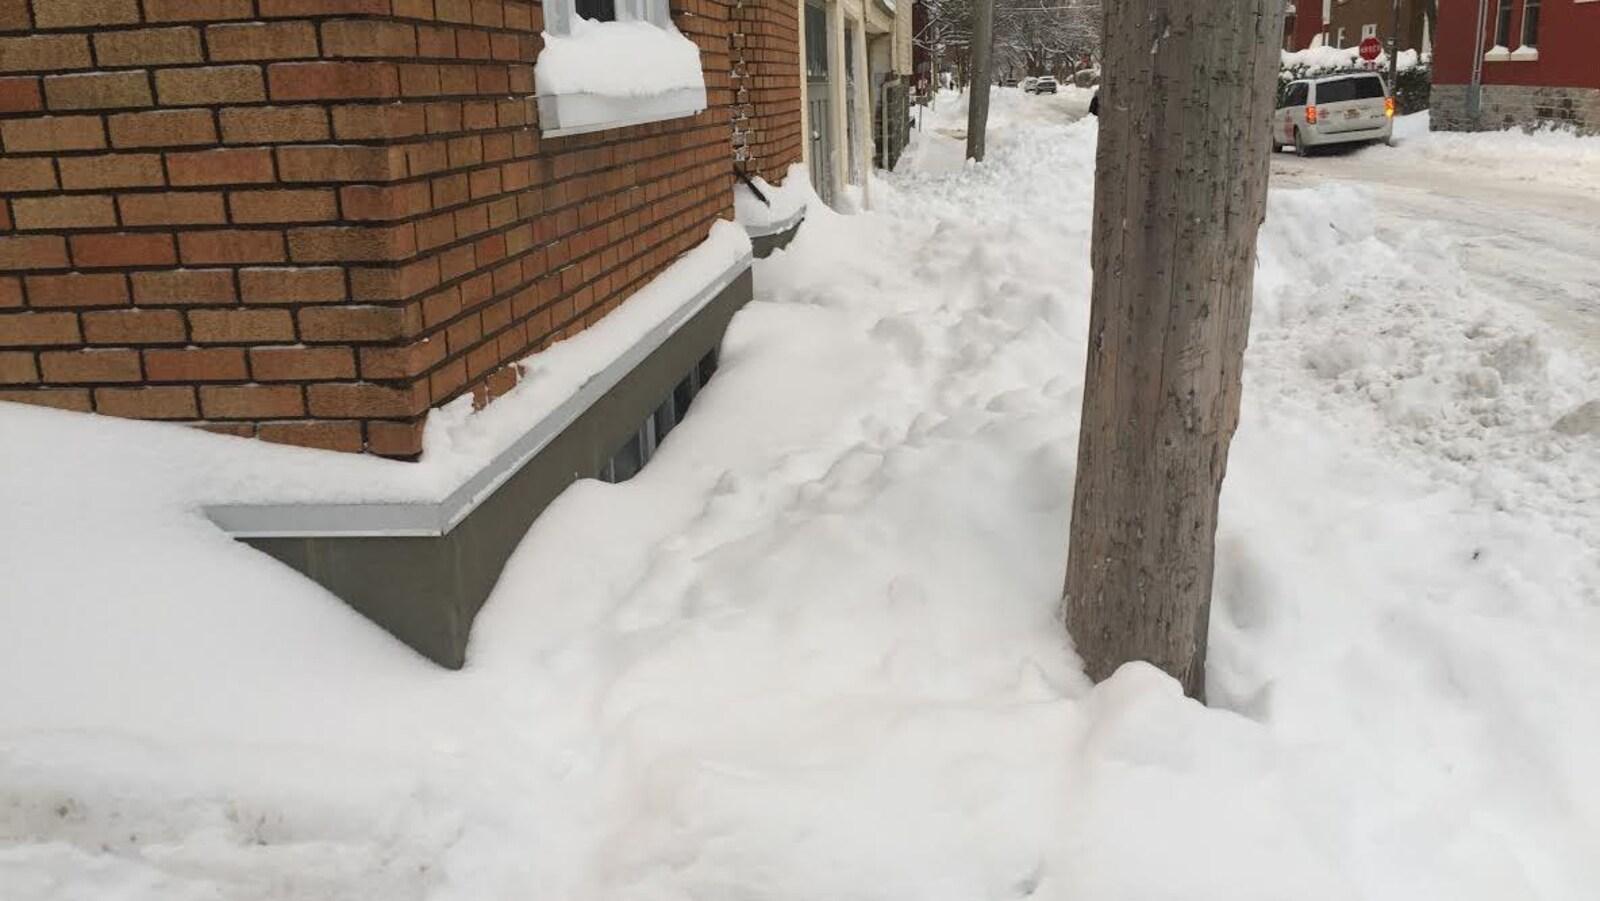 Beaucoup de neige sur les trottoirs de la rue Fraser. Difficile pour un piéton d'y circuler.